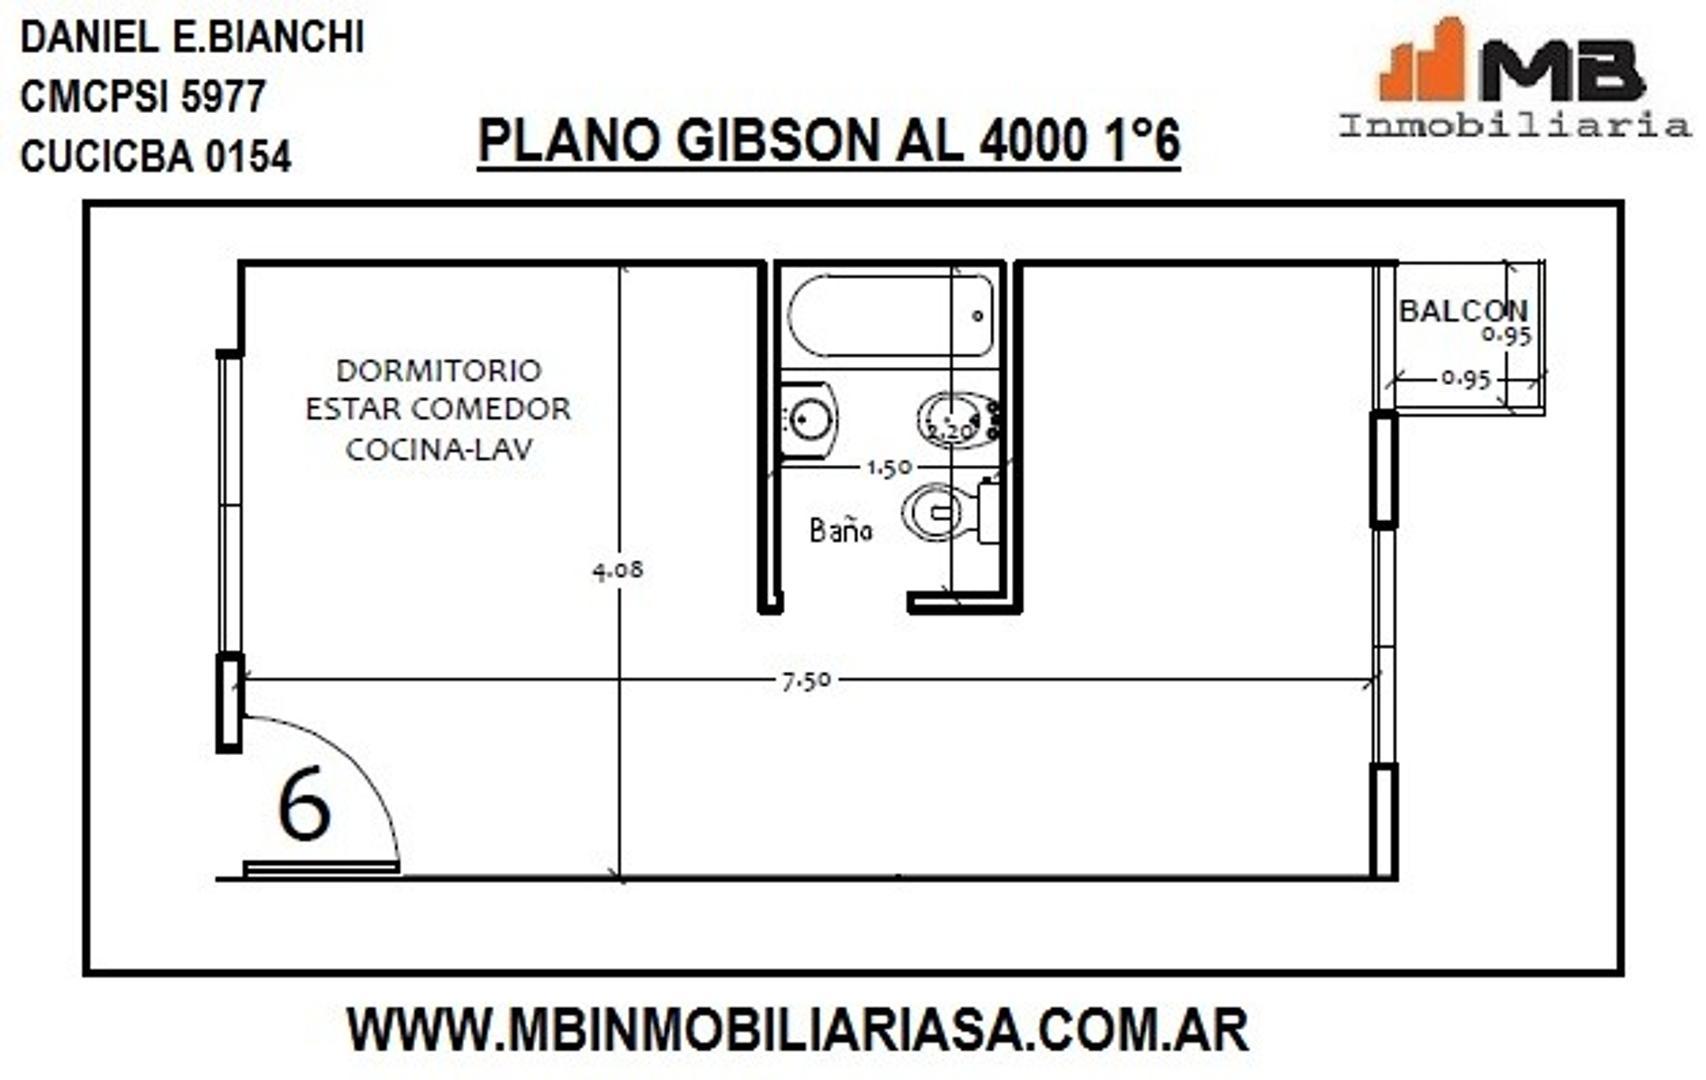 Boedo venta en pozo PH monoamb.c/balcon en Gibson al 4000 1°6